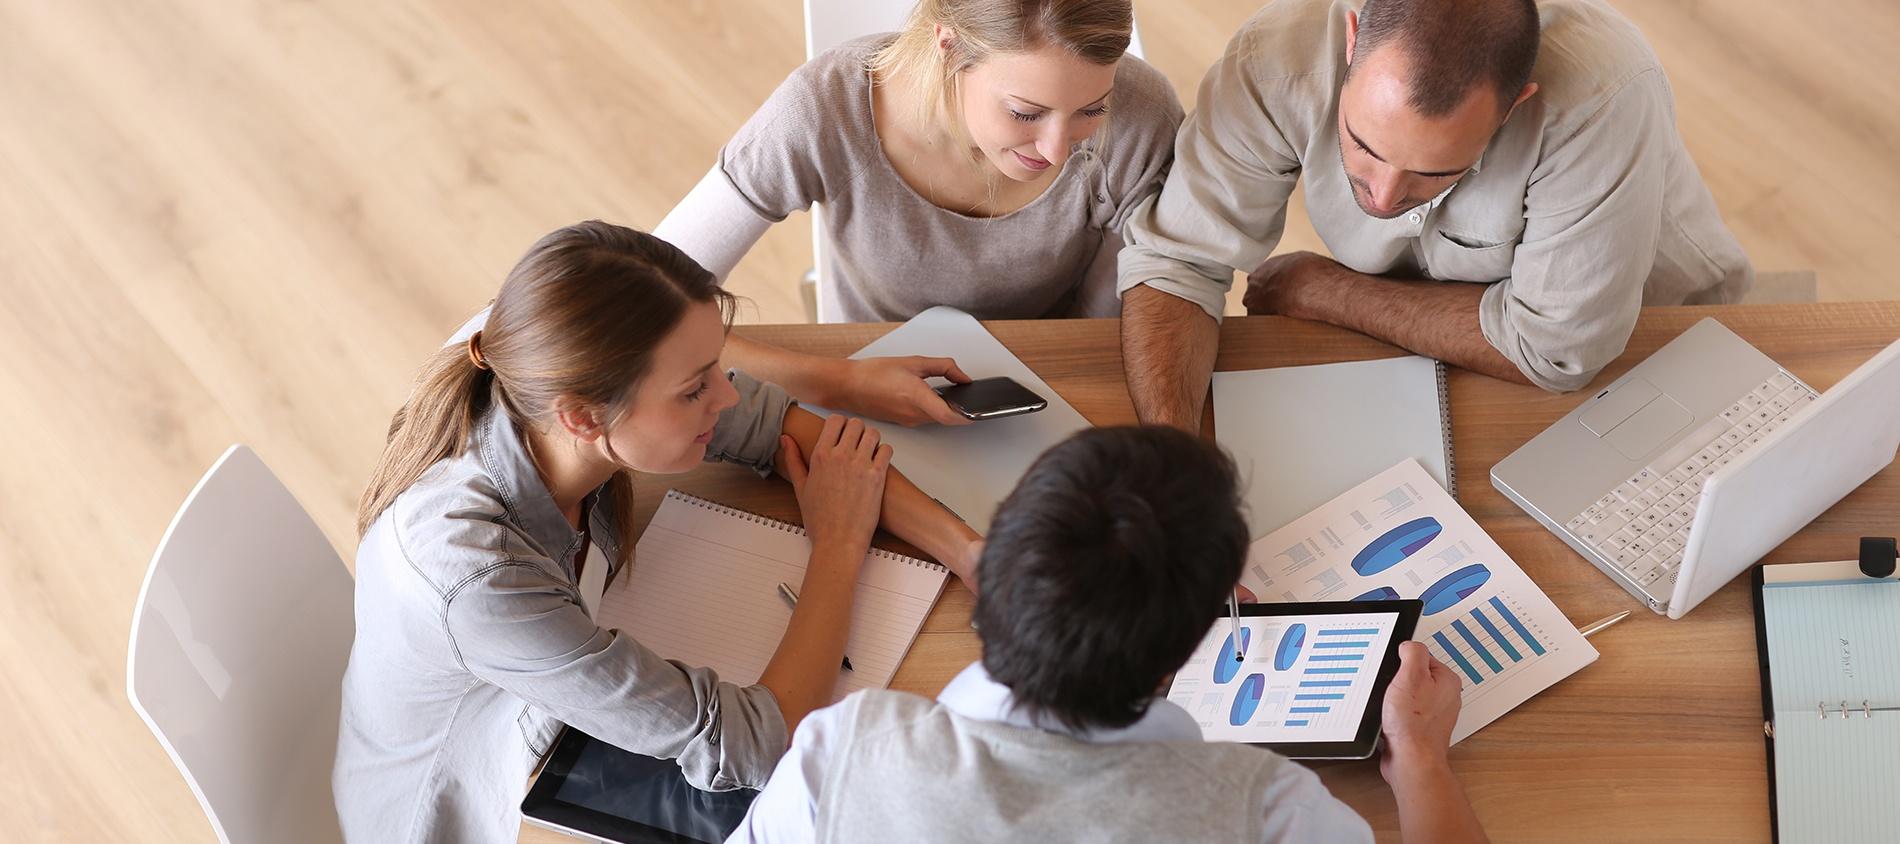 Apoya a tu equipo de ventas con contenido generador de prospectos